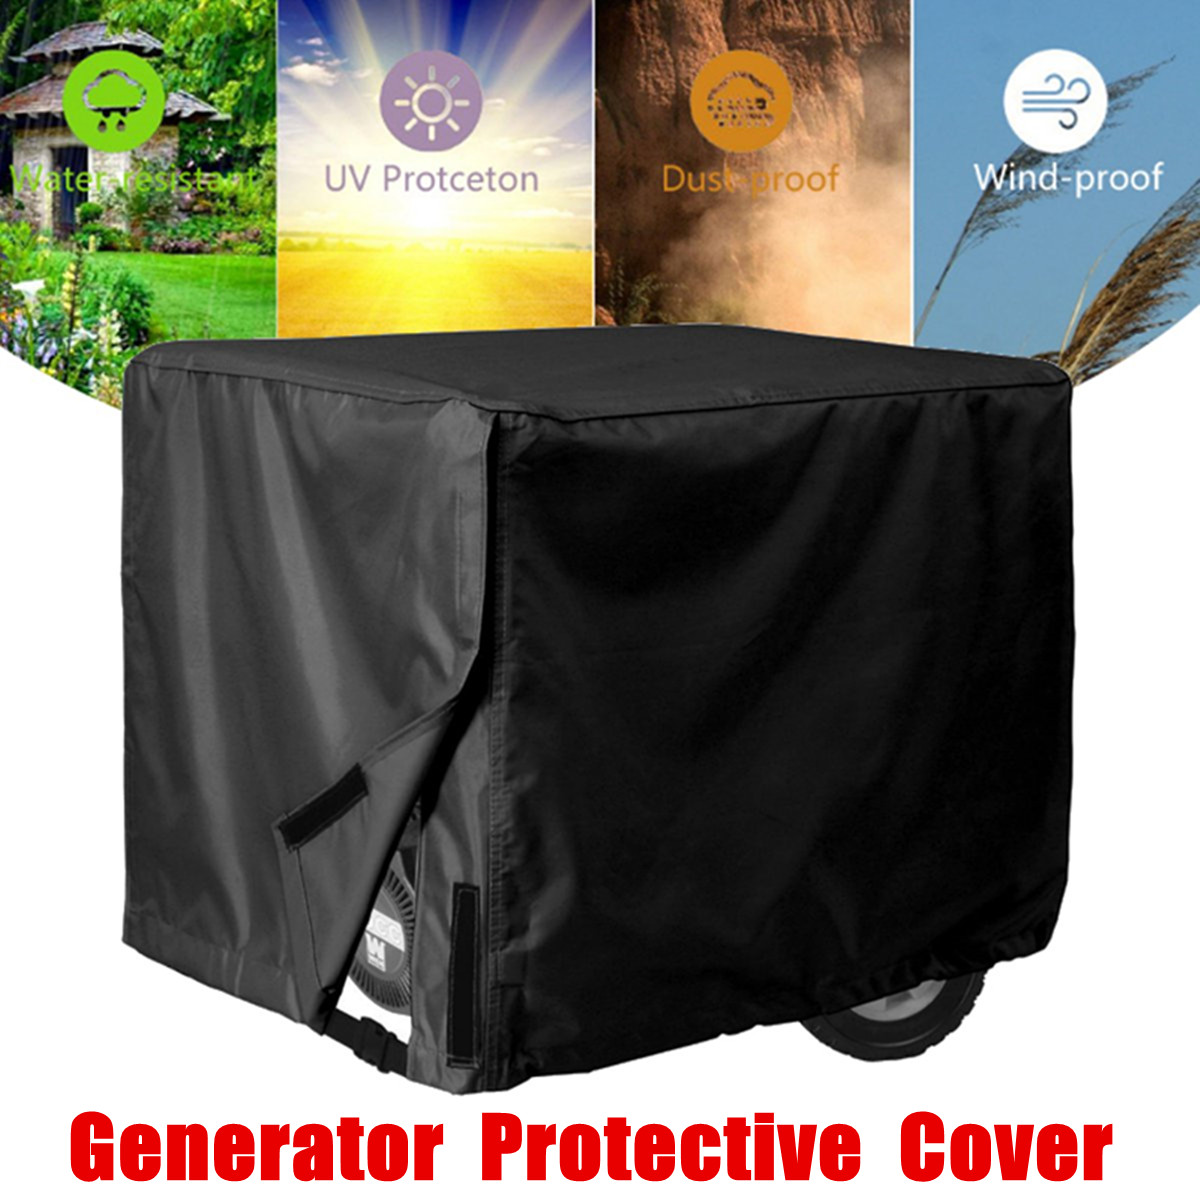 Cubierta de tela Oxford para generador, cubierta protectora a prueba de viento, cubierta impermeable para exteriores, cubiertas para todo uso, 3 tamaños, negro